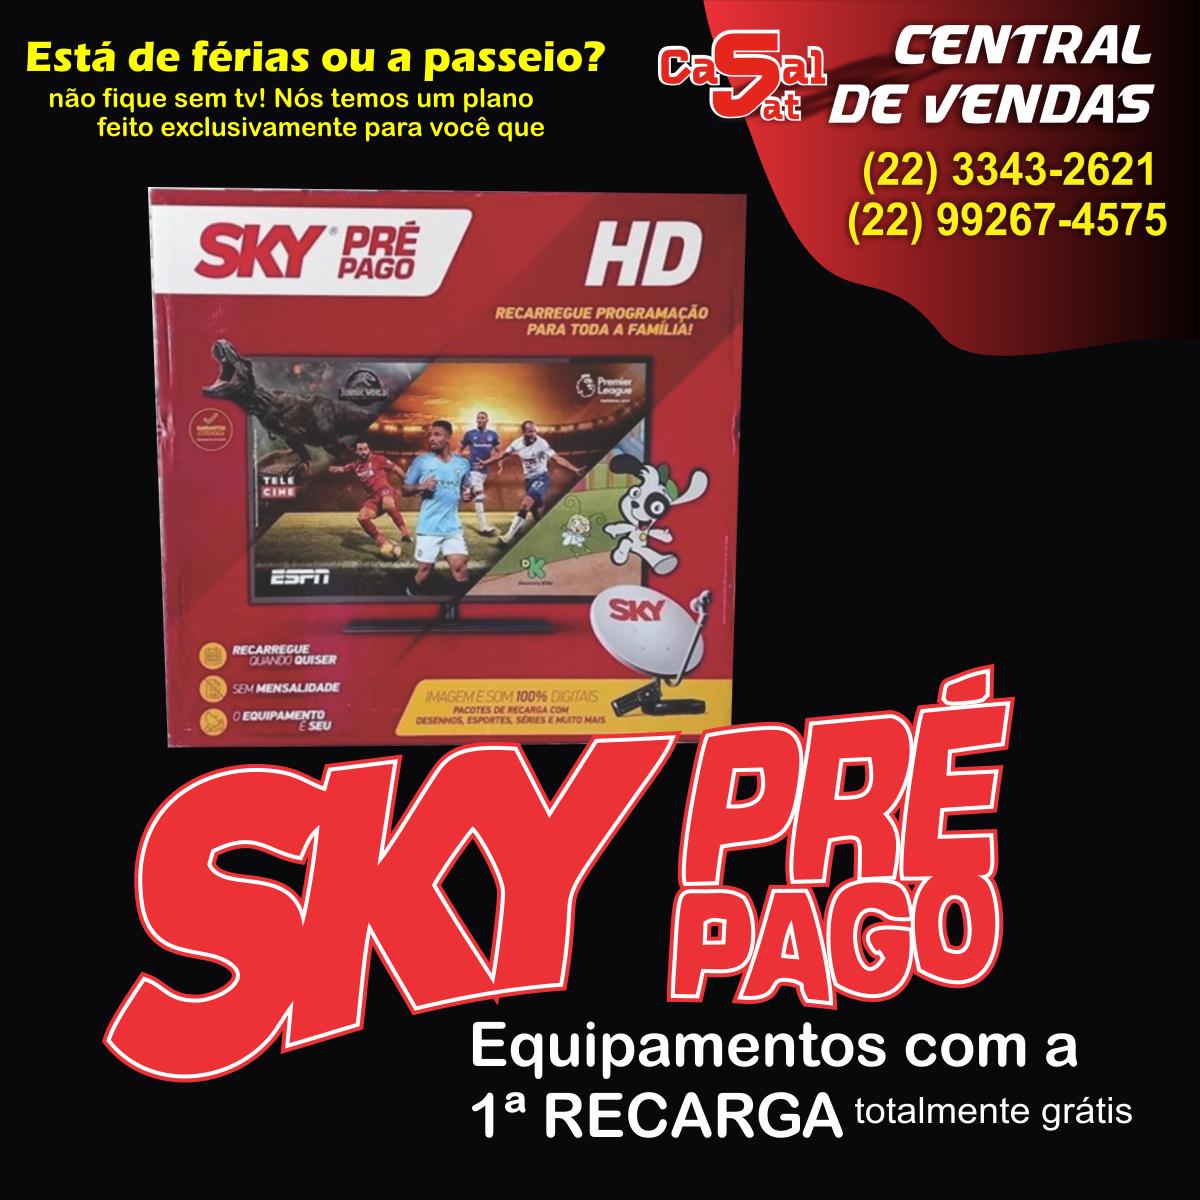 <p>Pacote Easy e Easy II HD</p>  <p>Com pacote o SKY Pós-Pago EASY HD você assiste a filmes, desenhos e canais de variedade. Assine já o pacote SKY Pós-Pago e divirta-se.</p>